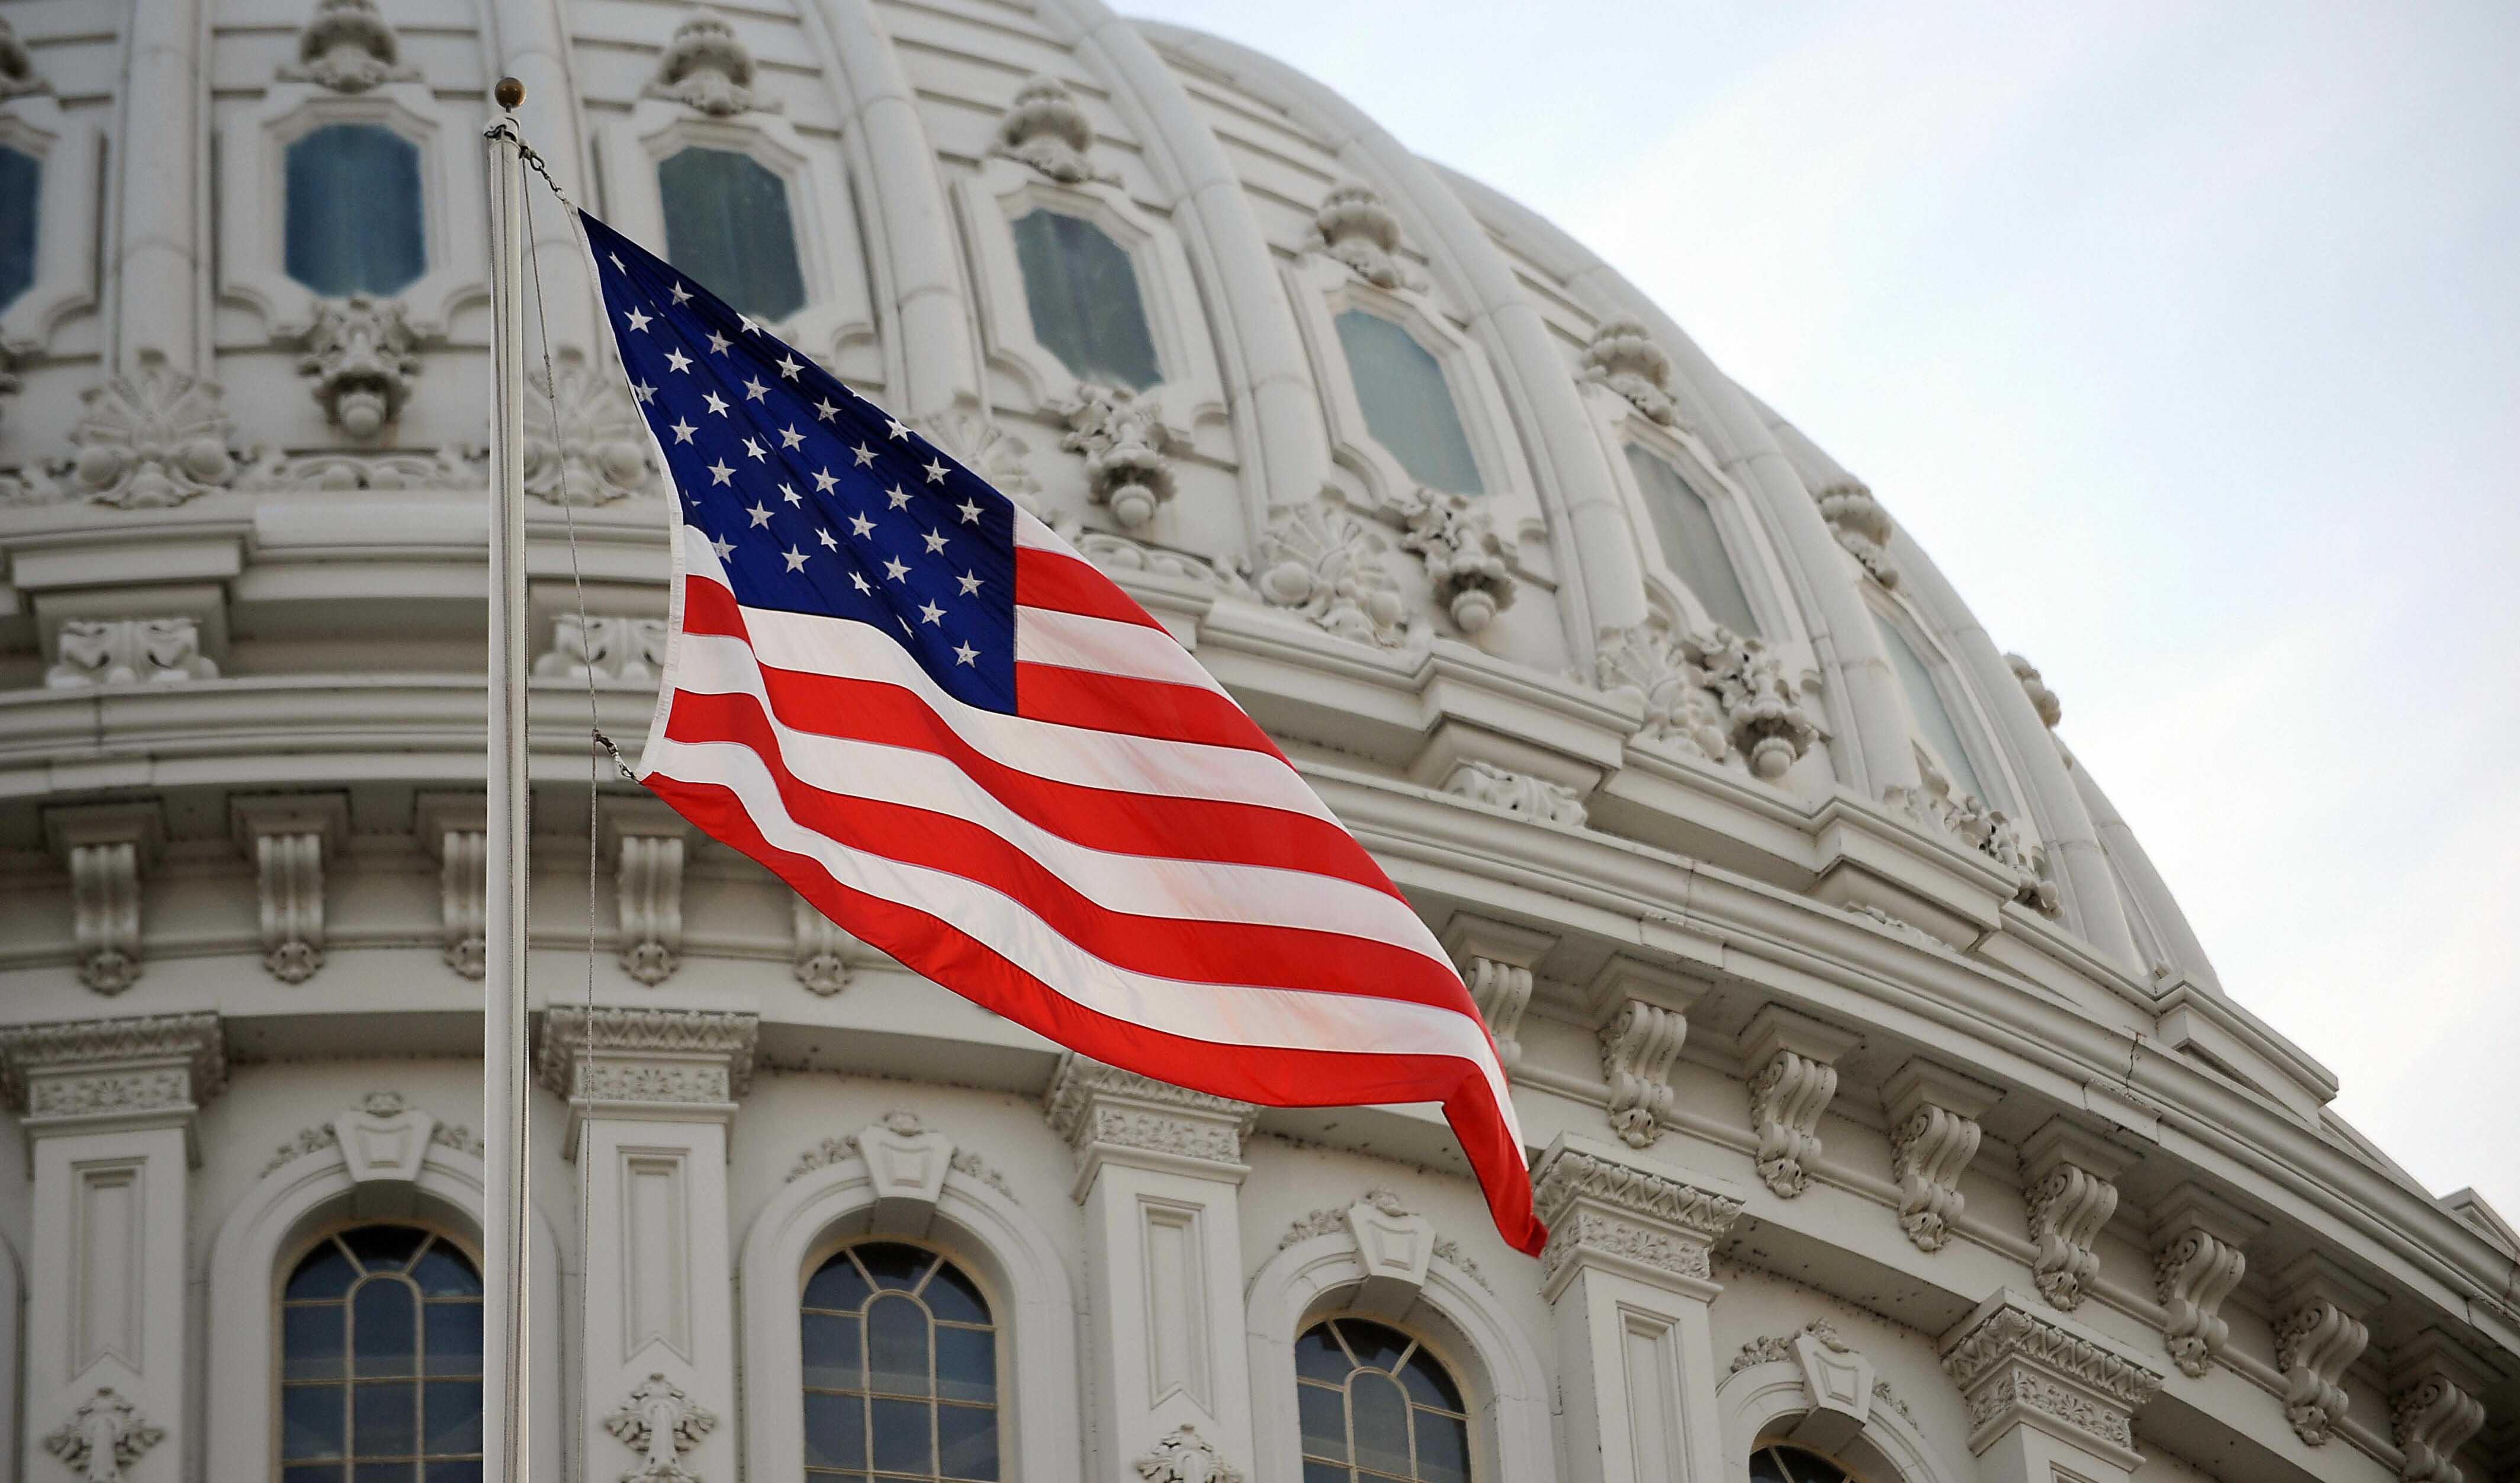 احتمال رشد منفی ۴۰ درصدی اقتصاد آمریکا!